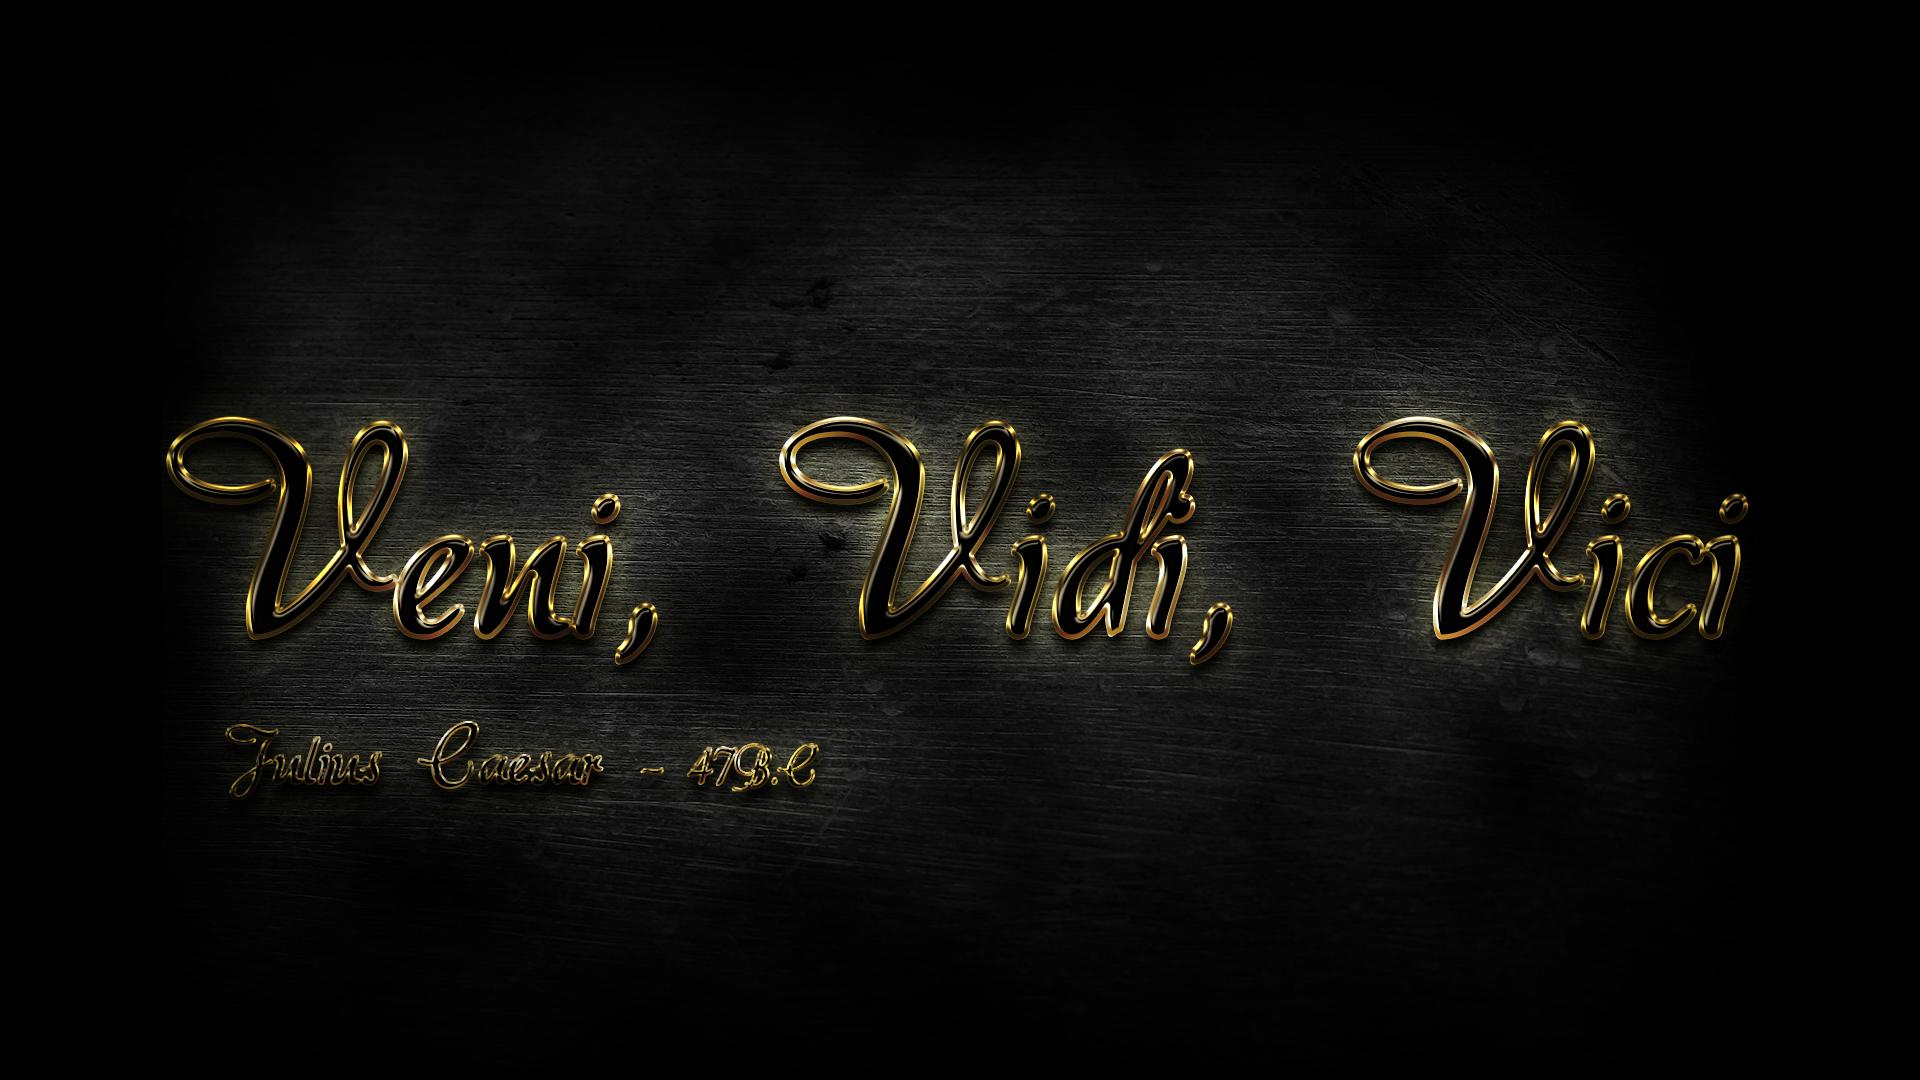 Veni vidi vici golden wallpaper by furiion52 on deviantart - Veni vidi vici tatouage ...